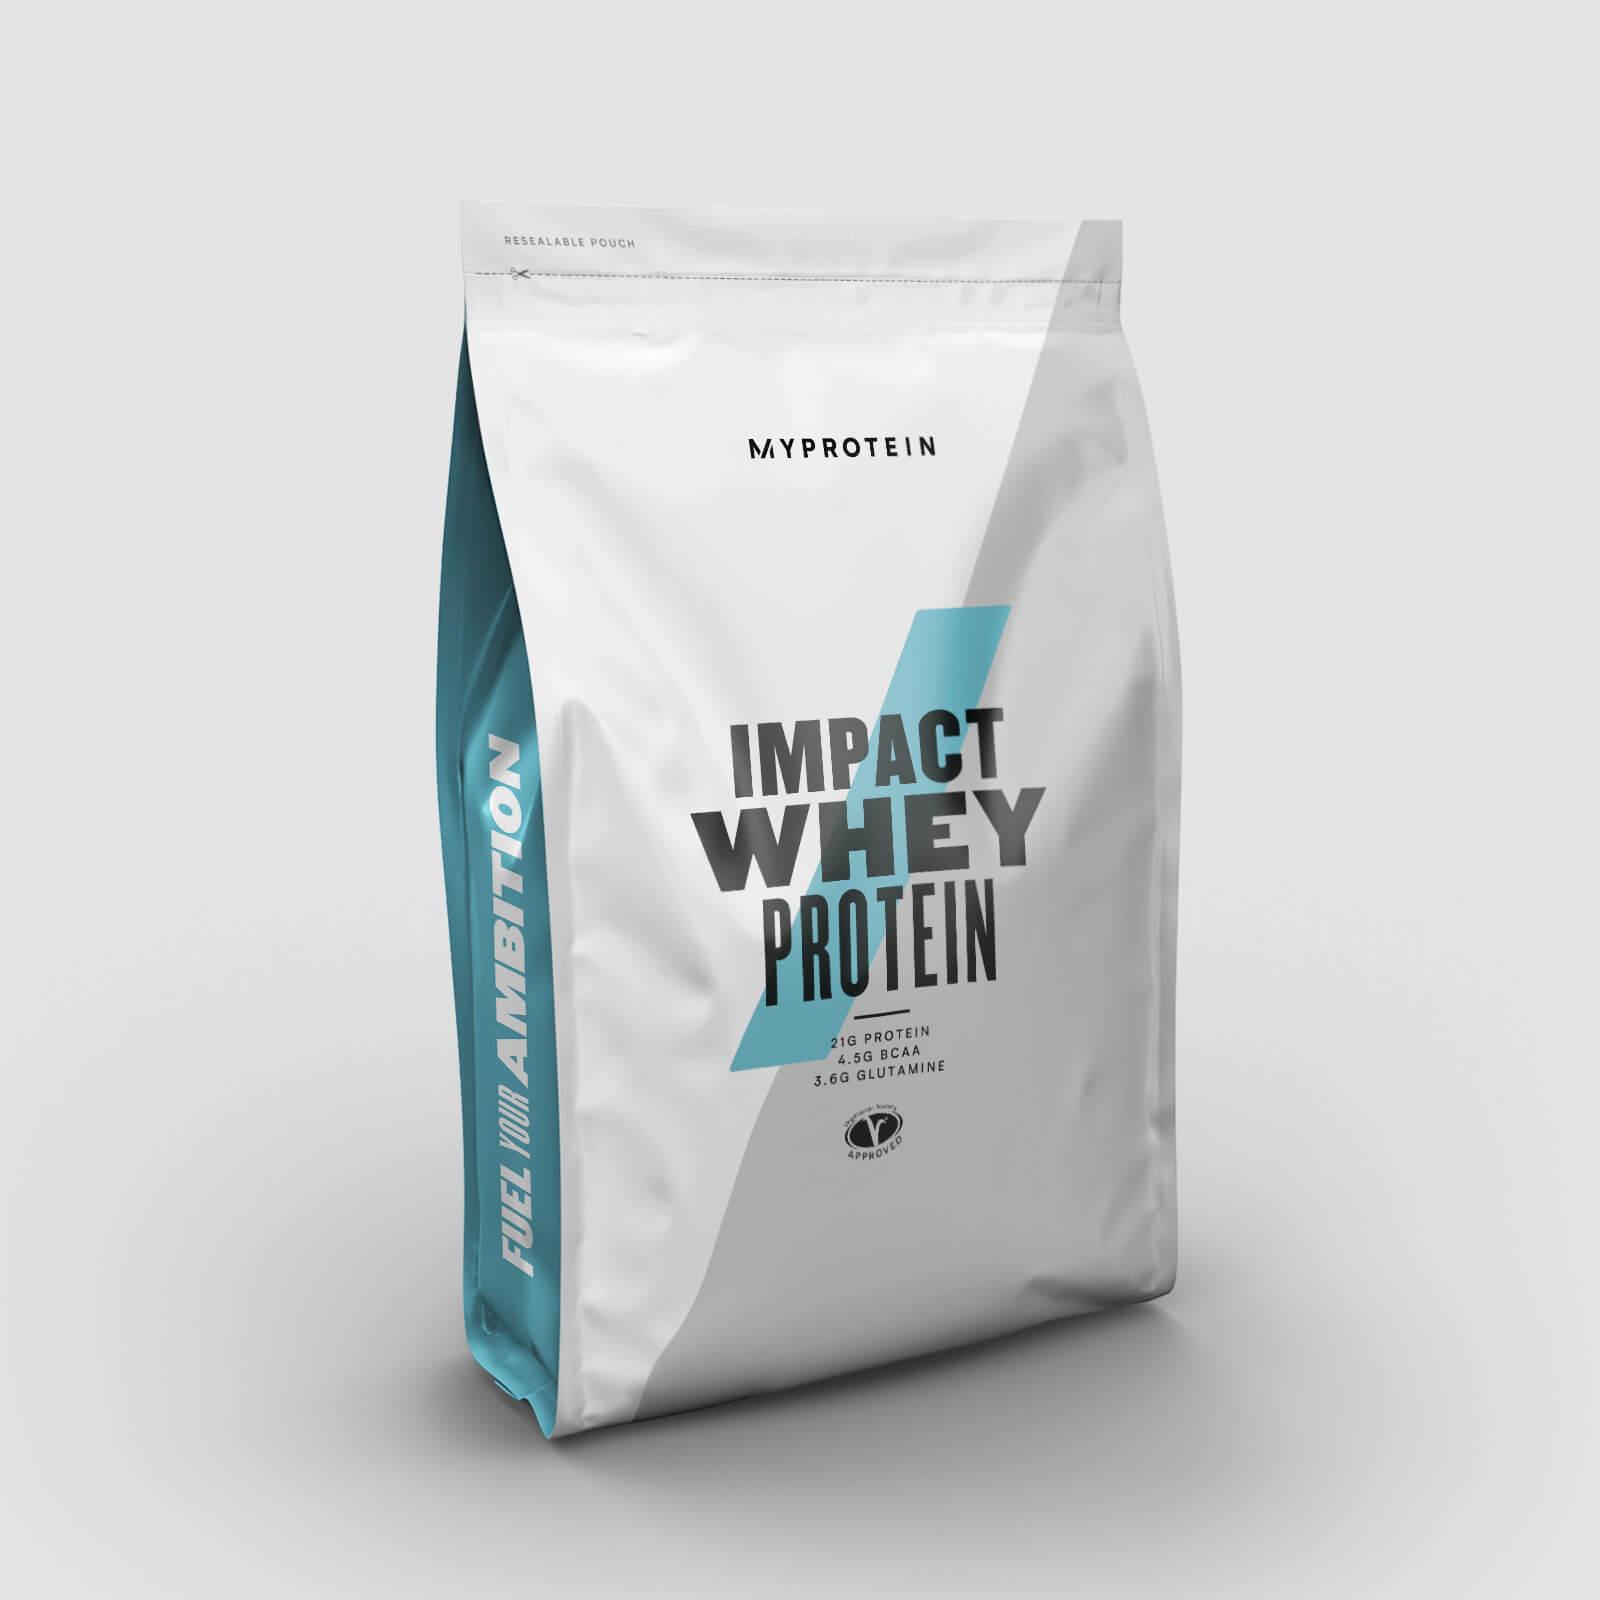 50% auf Protein bei Myprotein: z.B. 5kg Impact Whey Protein für 40,99€ (+ 3,99€ Versandkosten unter 50€)